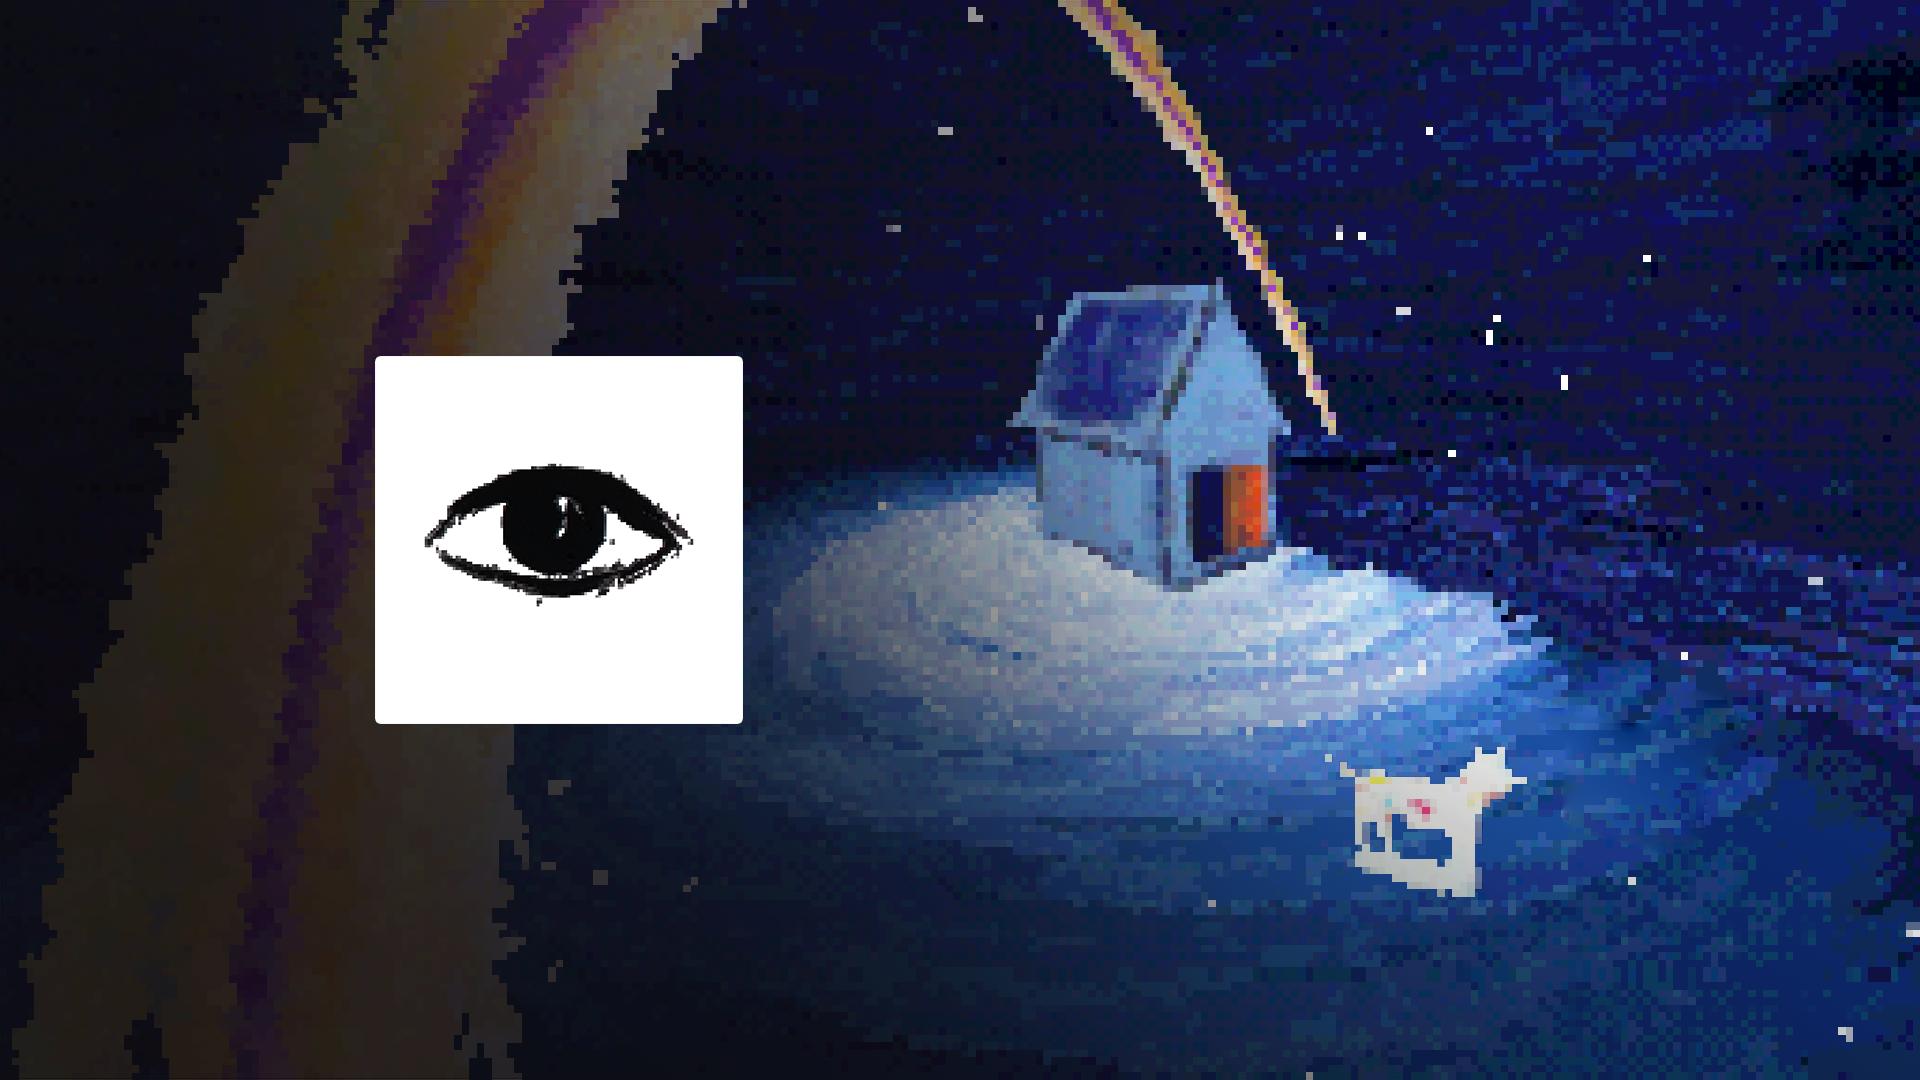 Icon for quindici